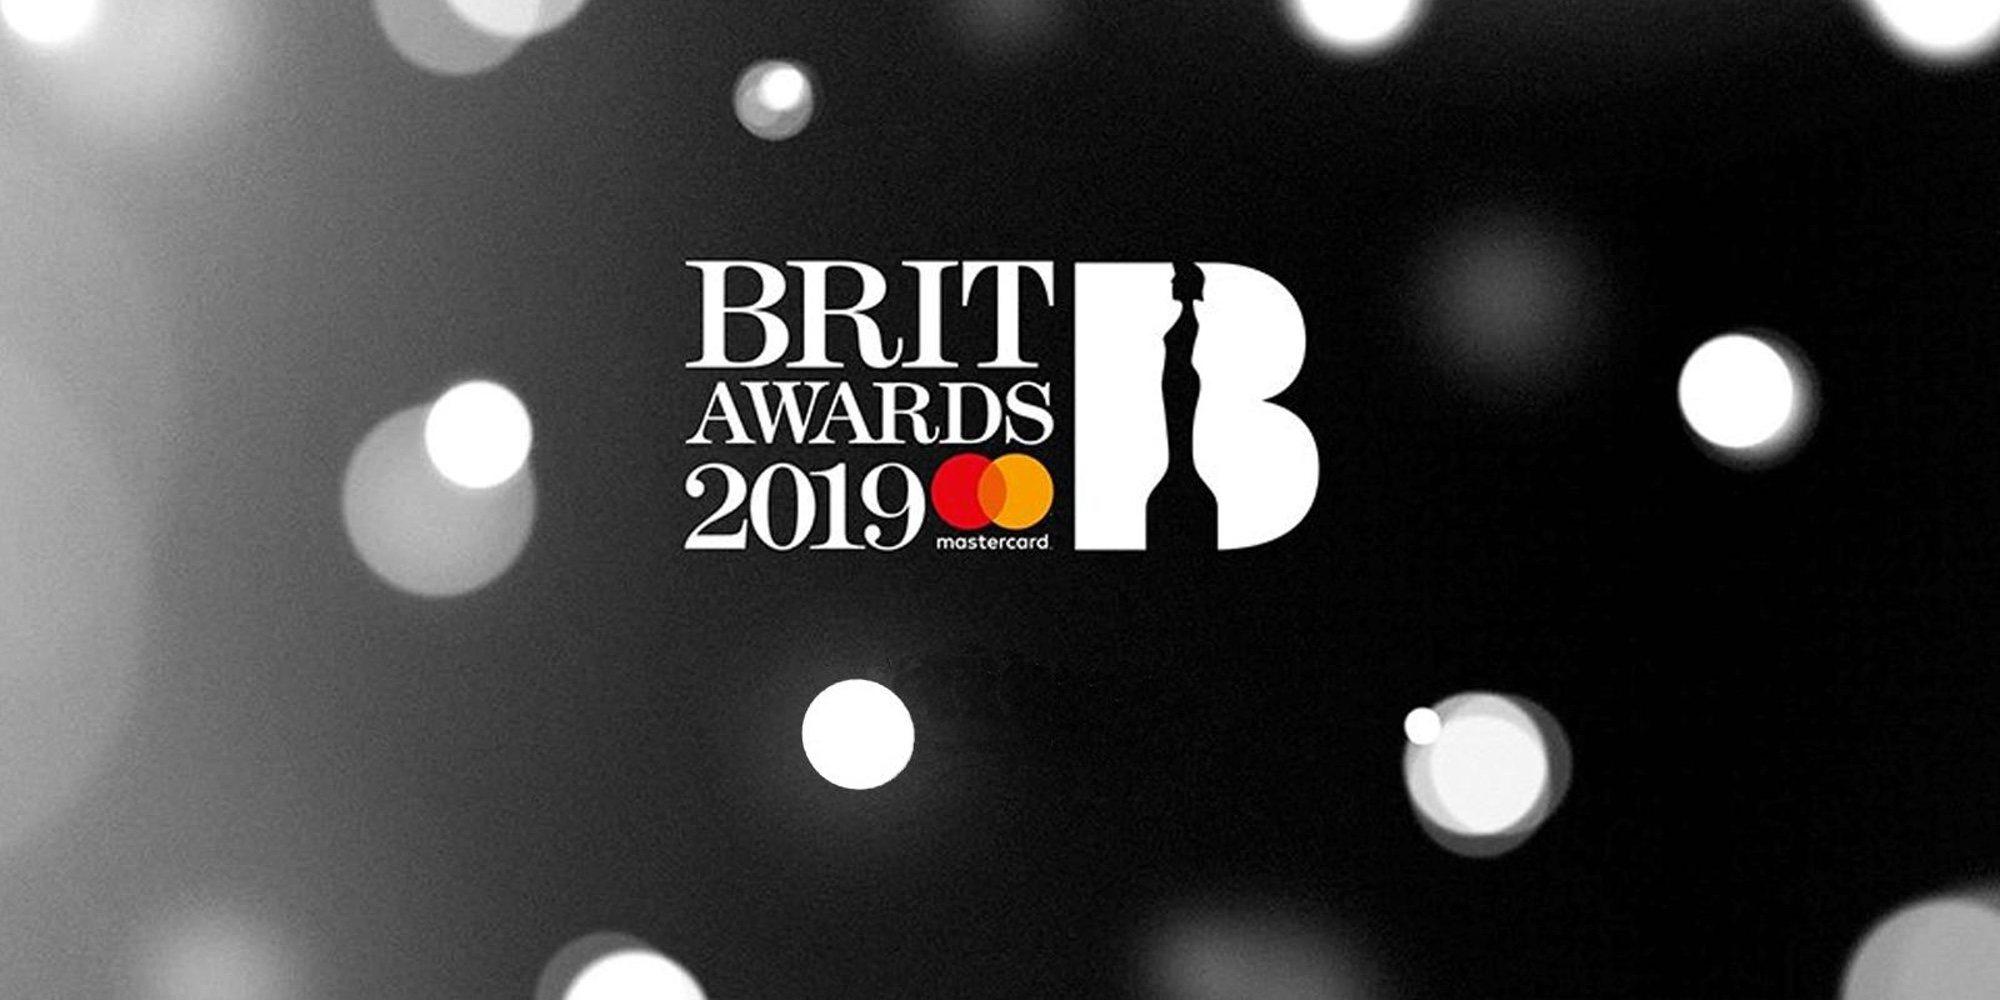 Lista de ganadores de los Brit Awards 2019